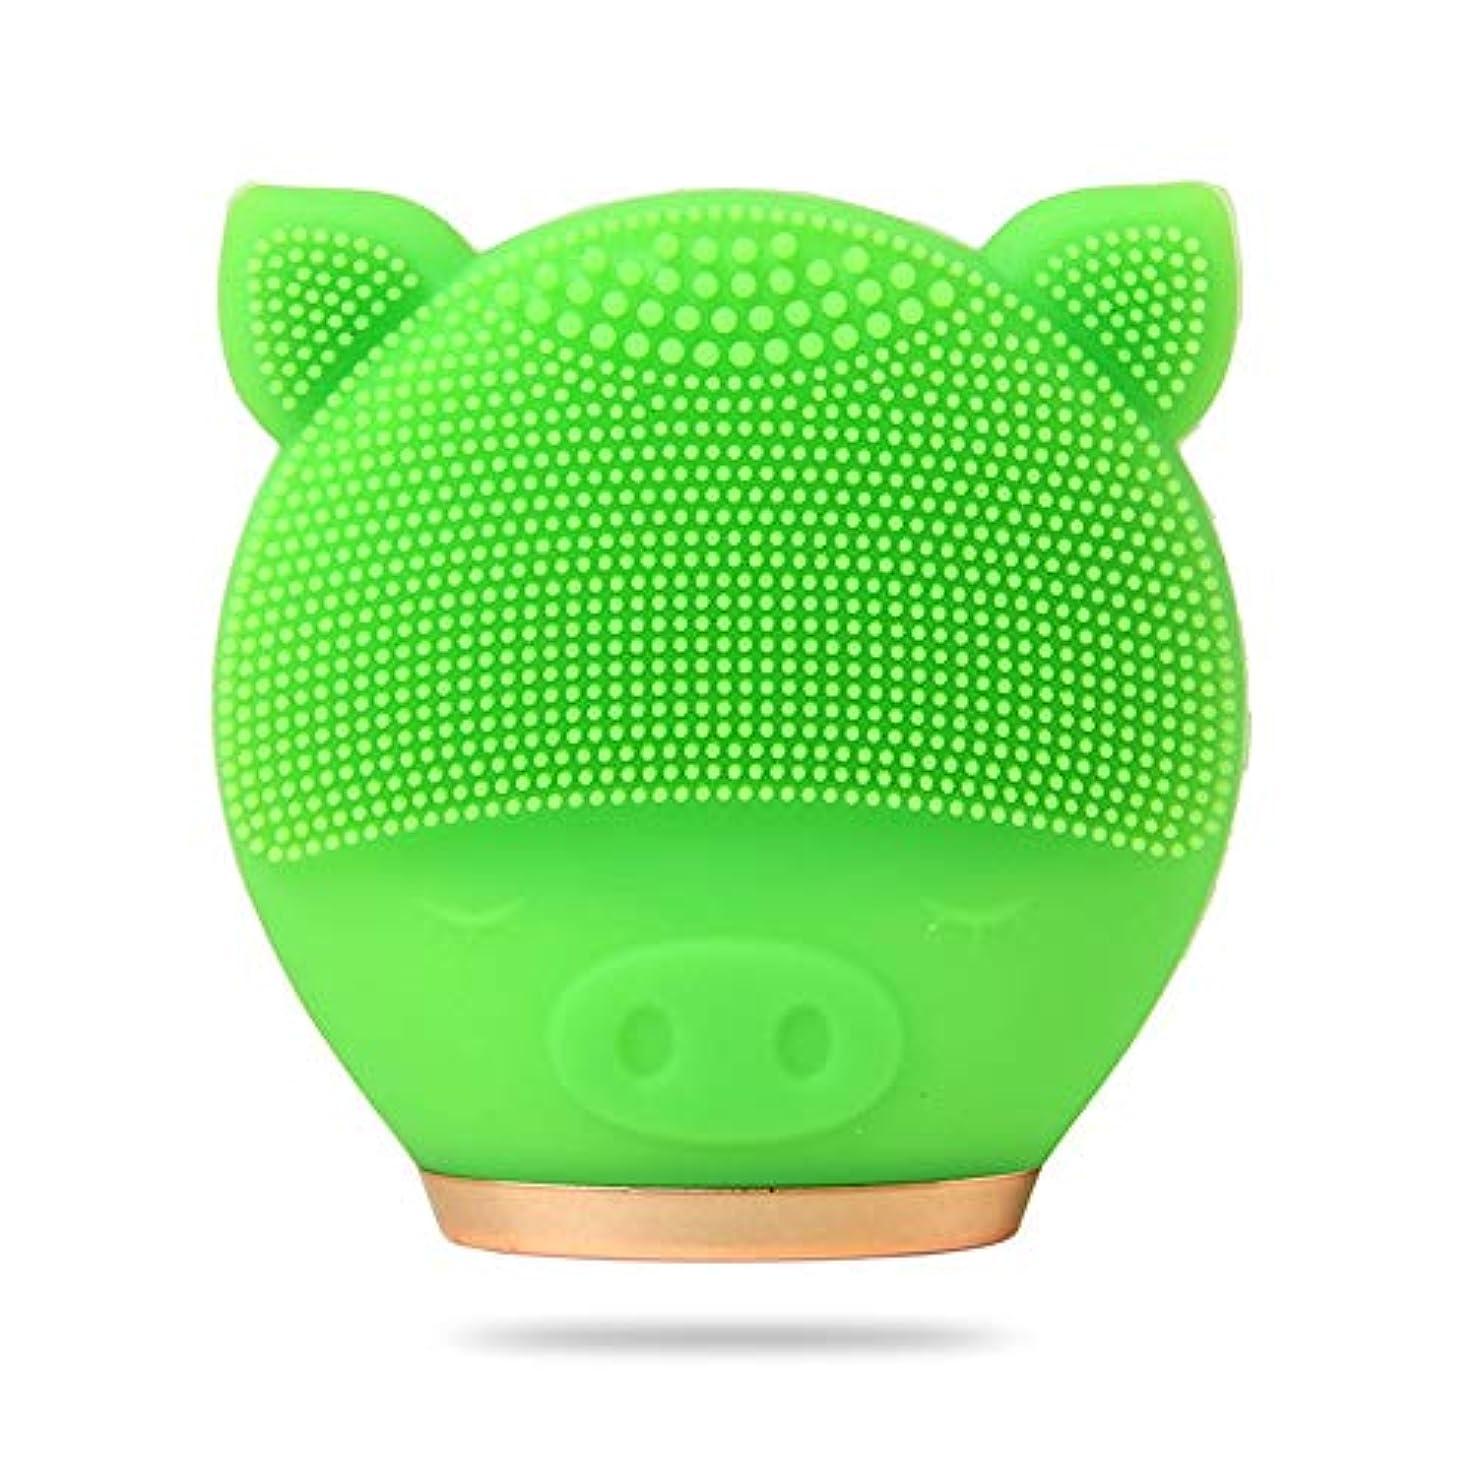 フィヨルドスパーク現実的ZXF 新しい豚モデル電気クレンジング楽器シリコーン超音波振動洗浄顔顔毛穴クリーナー美容器具 滑らかである (色 : Green)